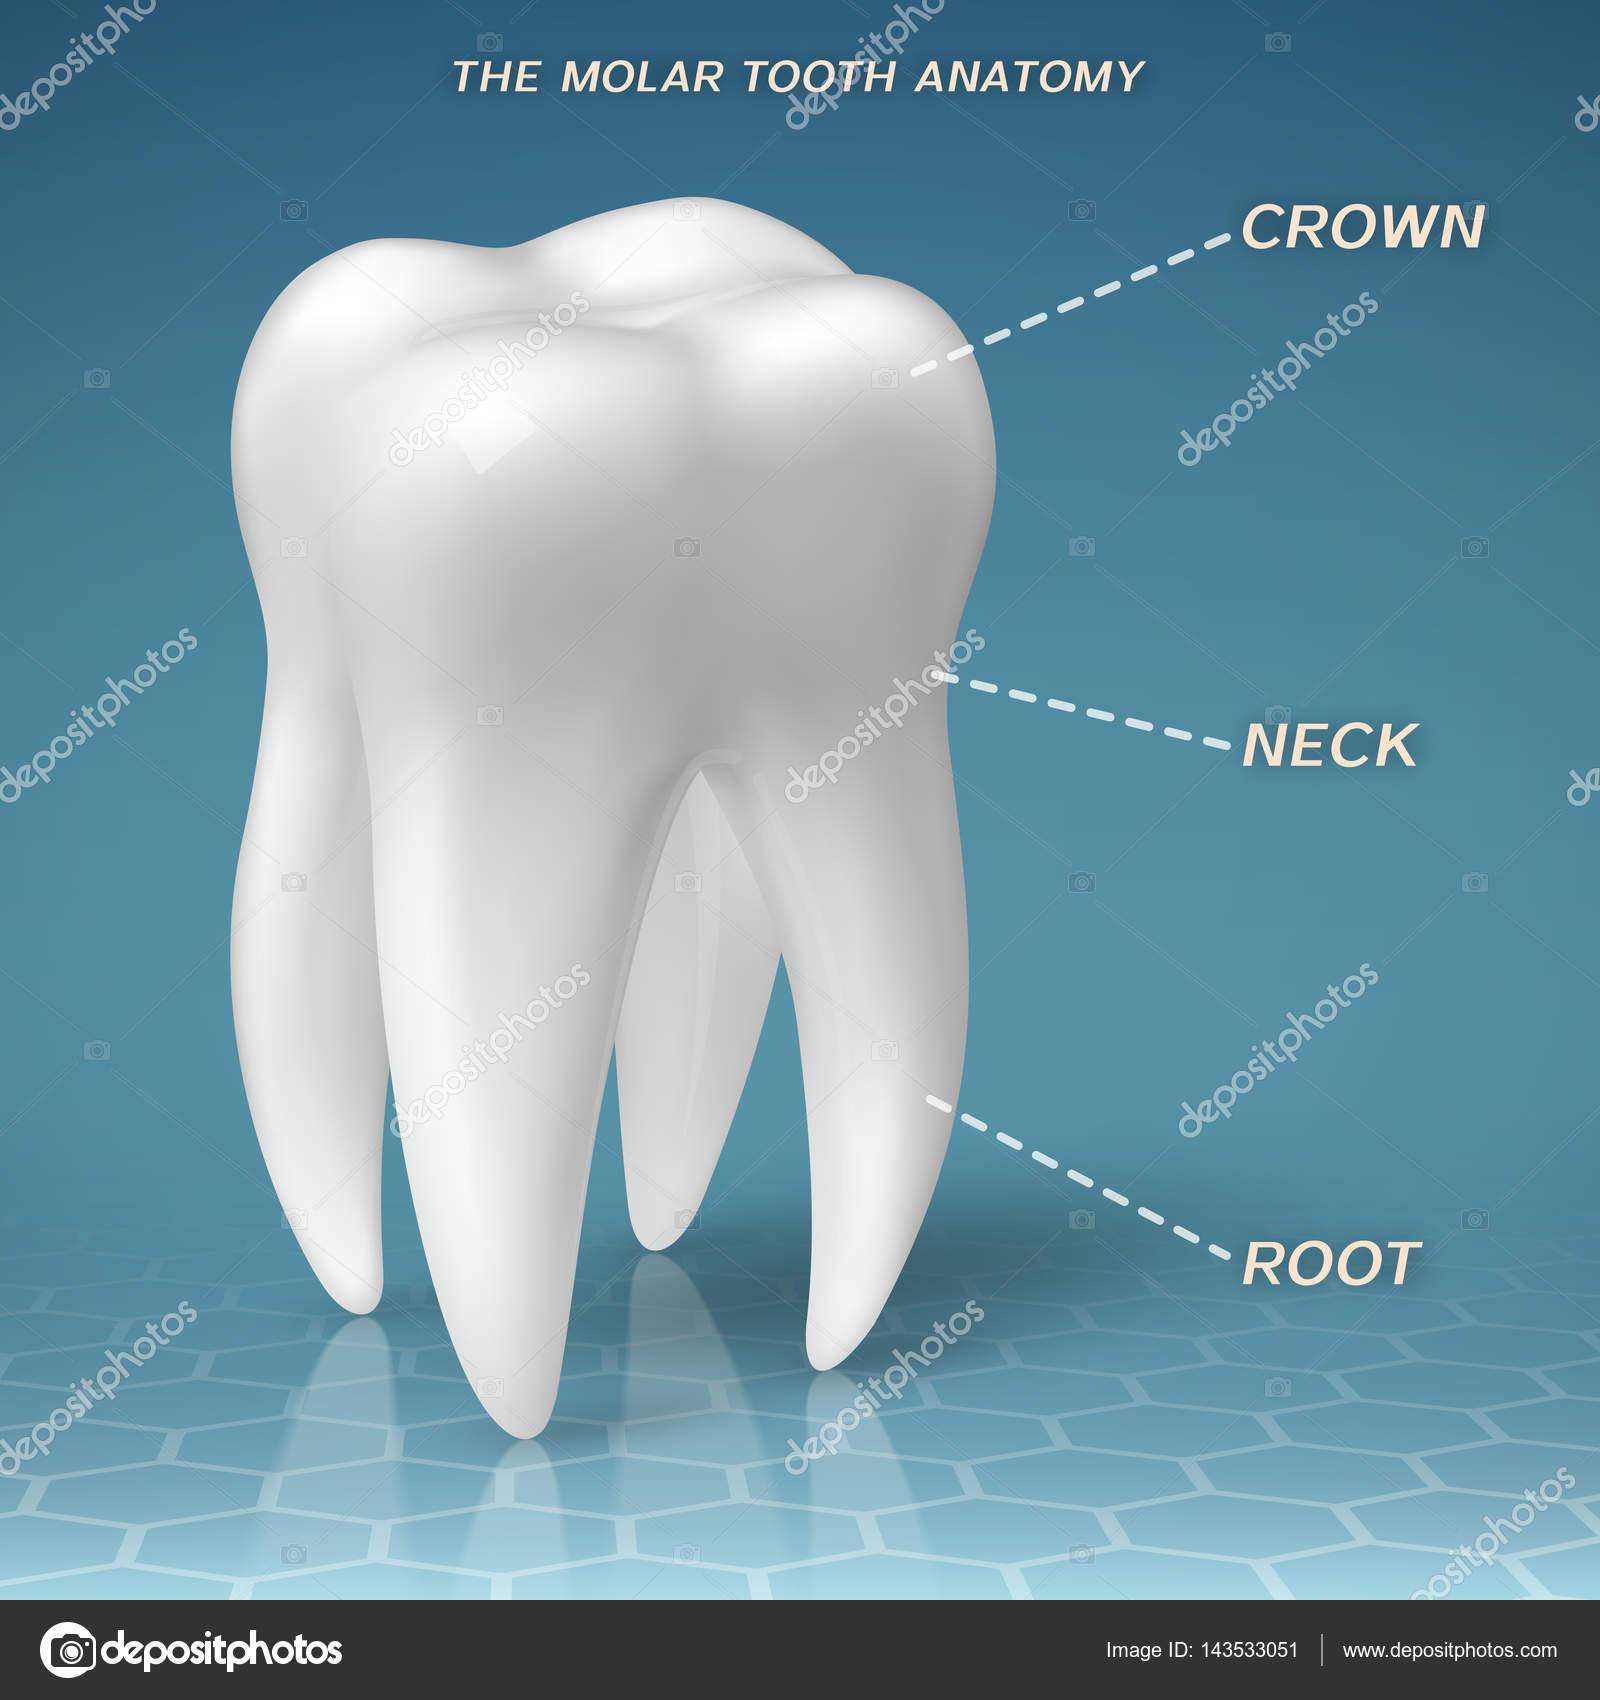 Anatomía del molar - corona, cuello y raíz del diente — Archivo ...